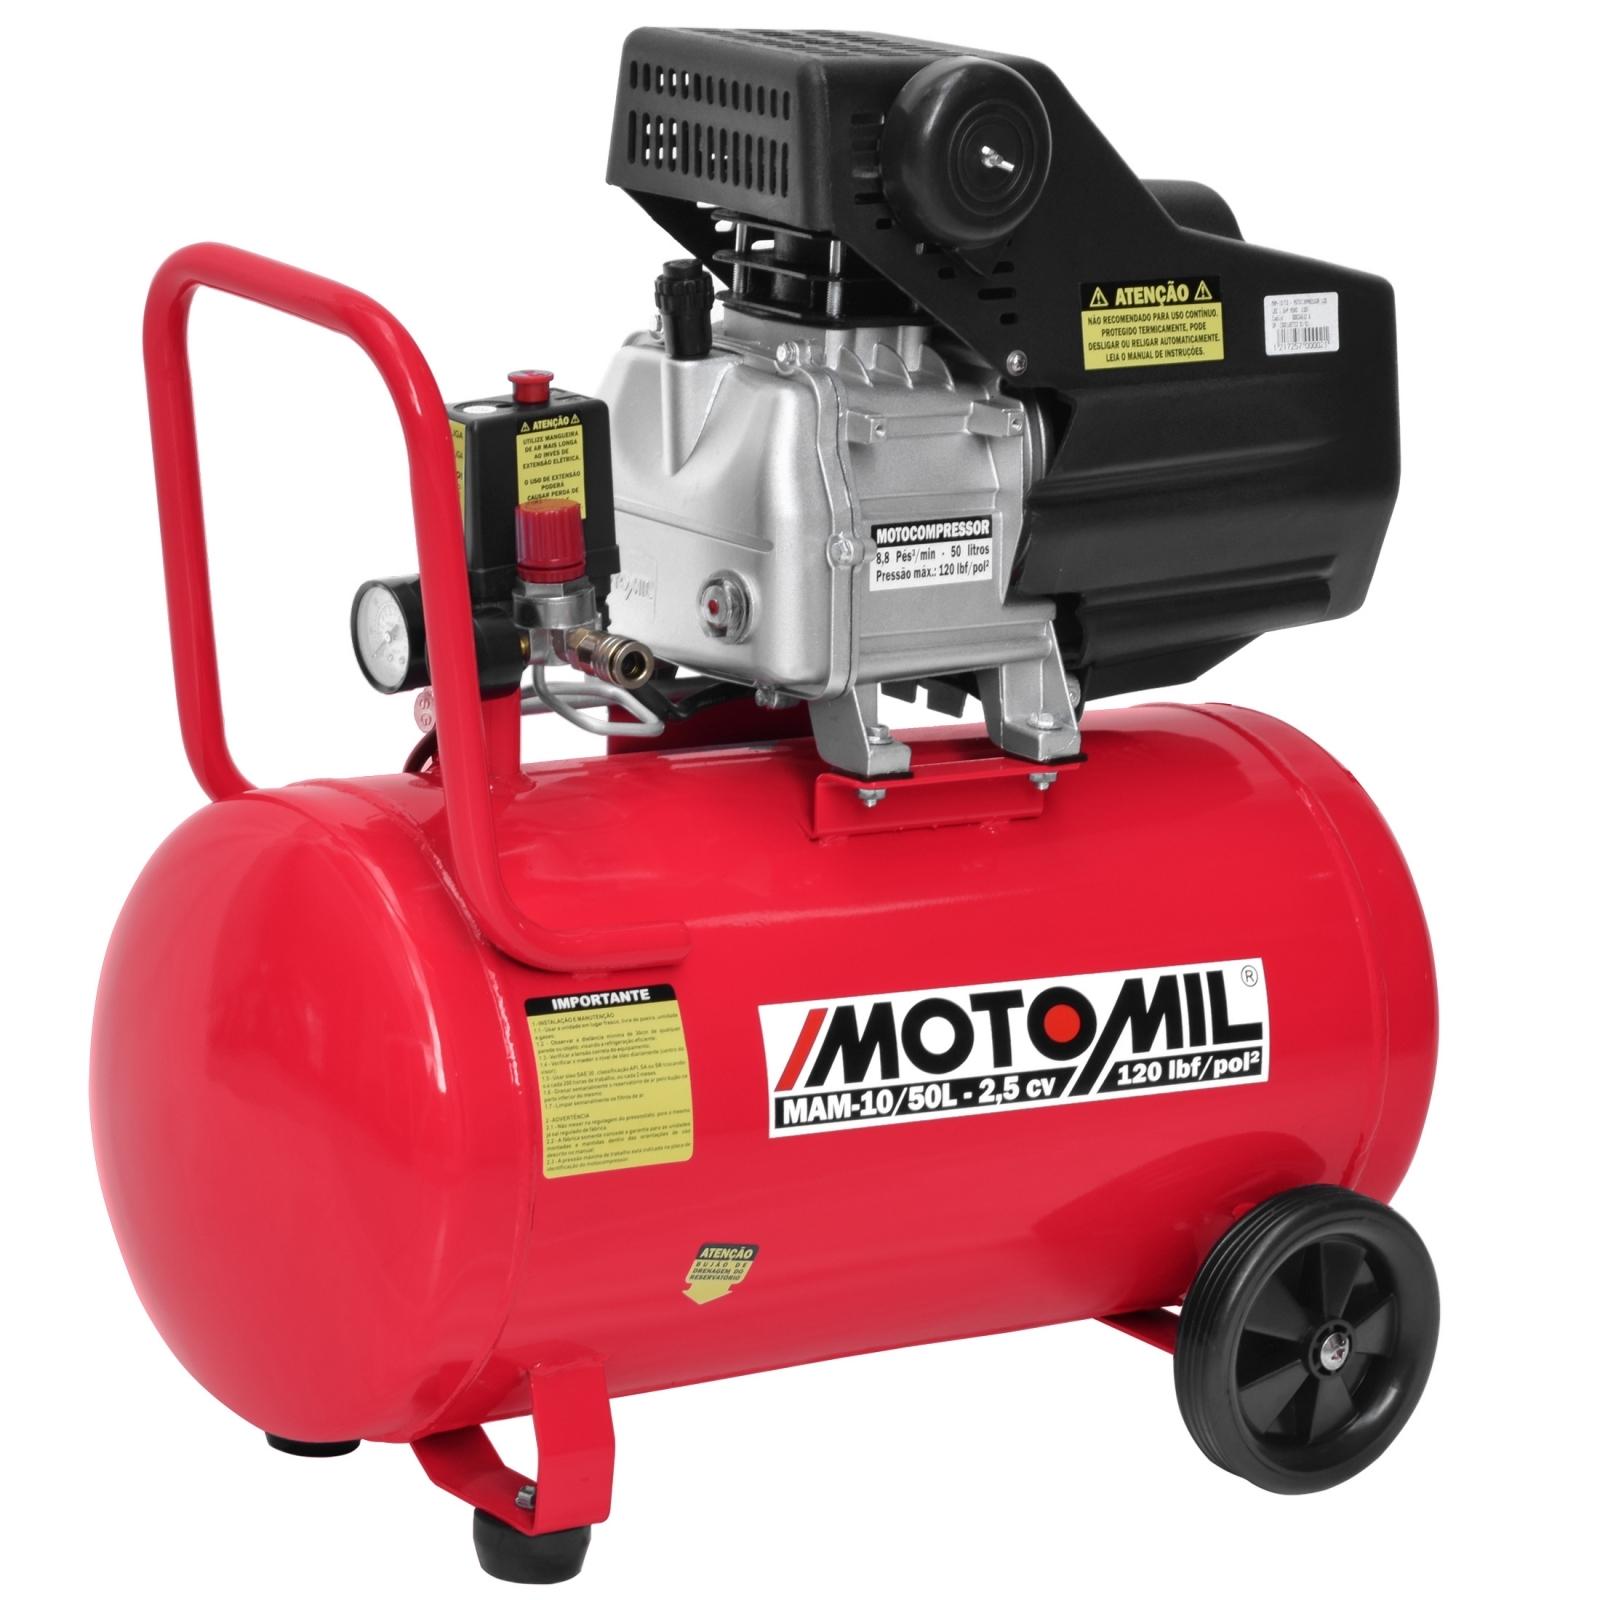 Compressor De Ar 8.8 Pcm 50 Litros Motomil – MAM 10/50L Bivolt - Ferramentas MEP